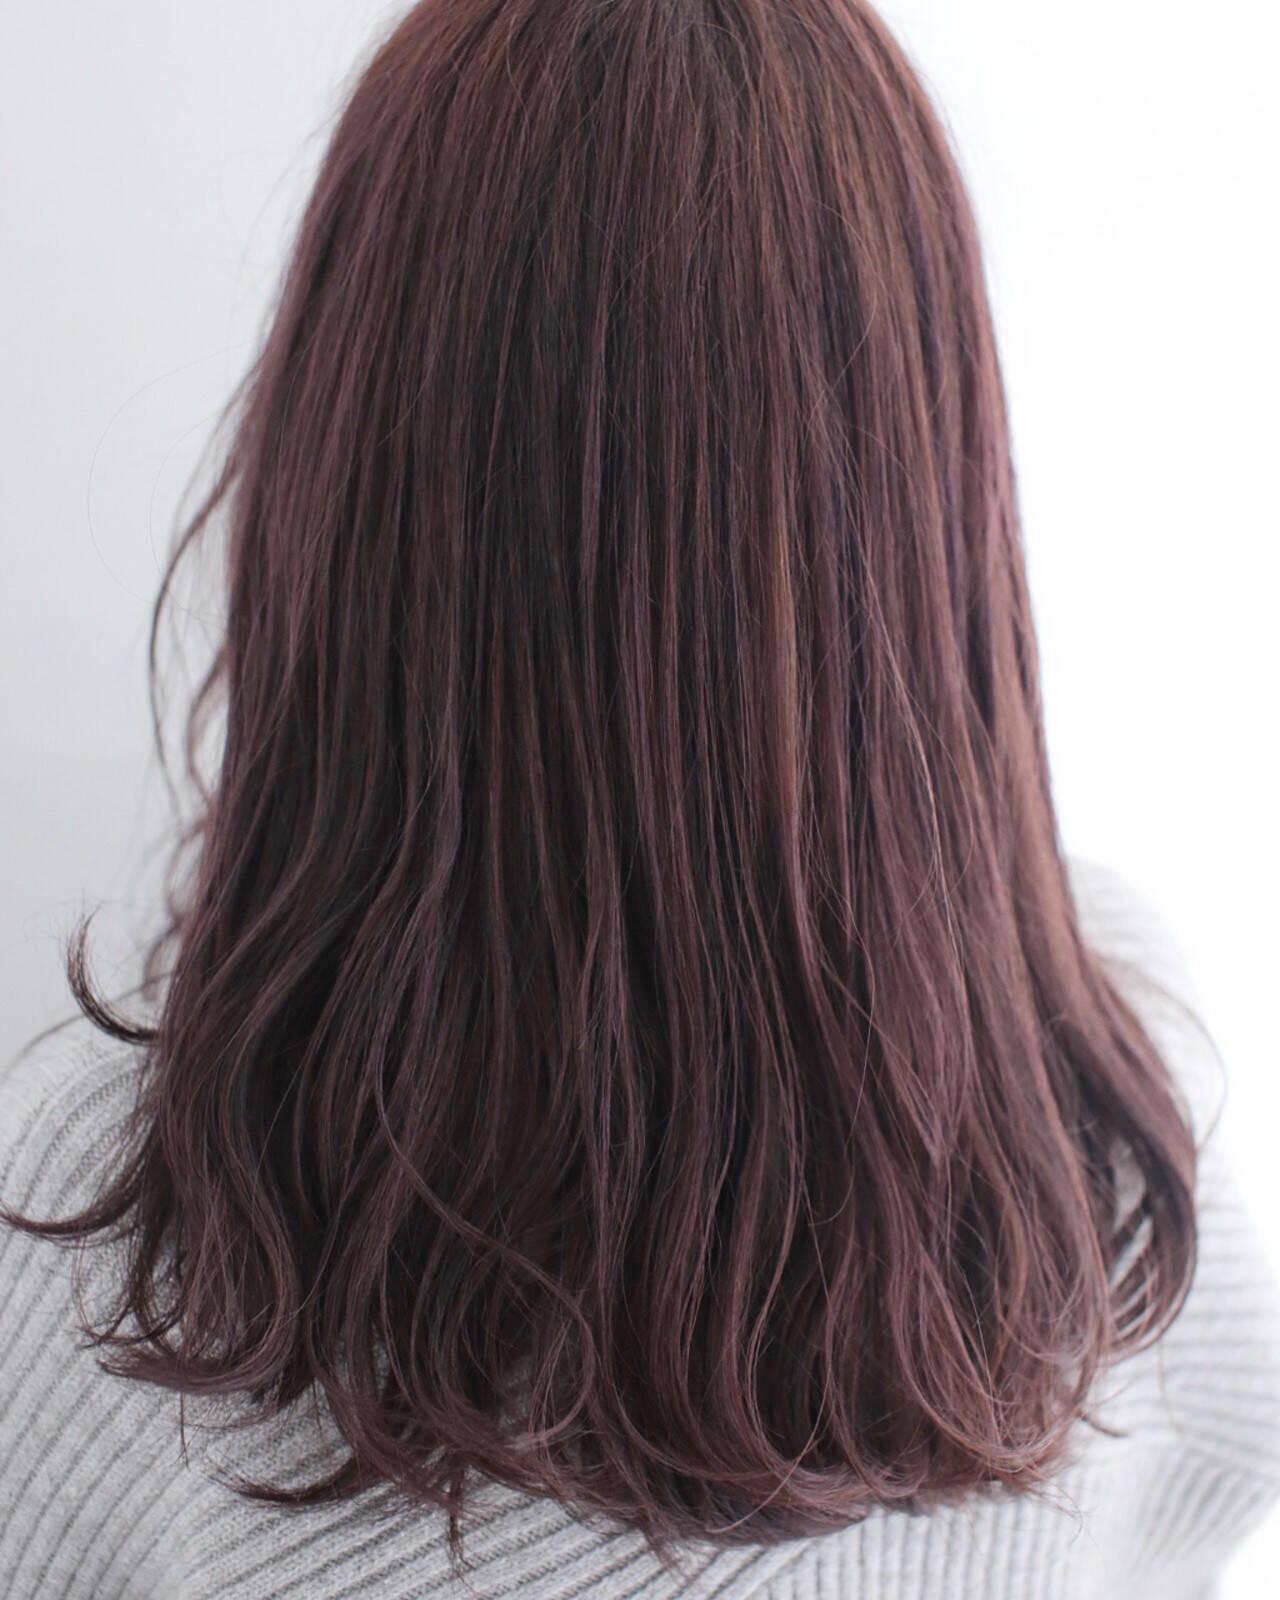 セミロング ピンク ピンクアッシュ ナチュラルヘアスタイルや髪型の写真・画像